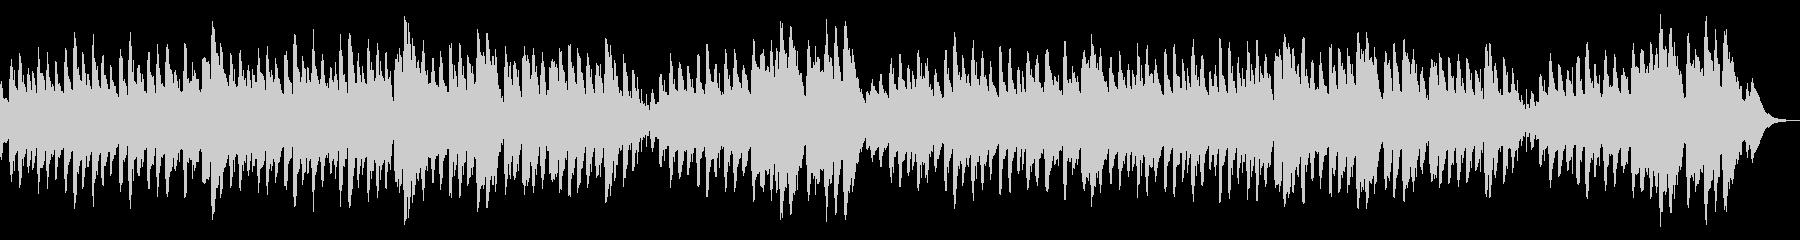 可愛らしいアレンジ/バッハ/メヌエットの未再生の波形